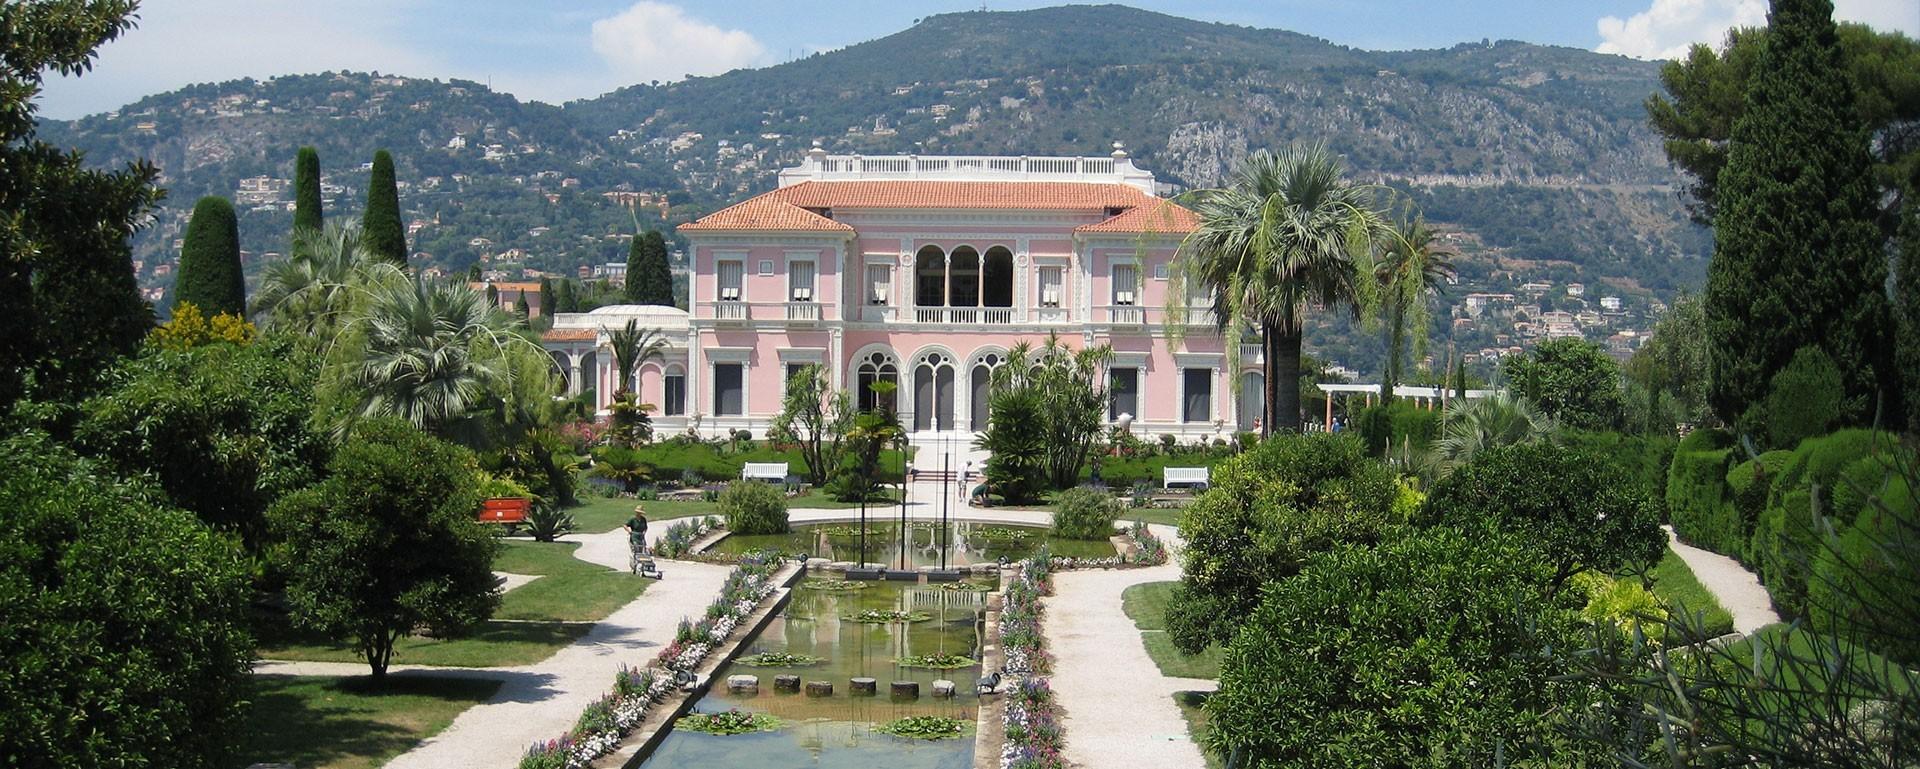 Wunderwerk französische Architektur teuer stilvoll